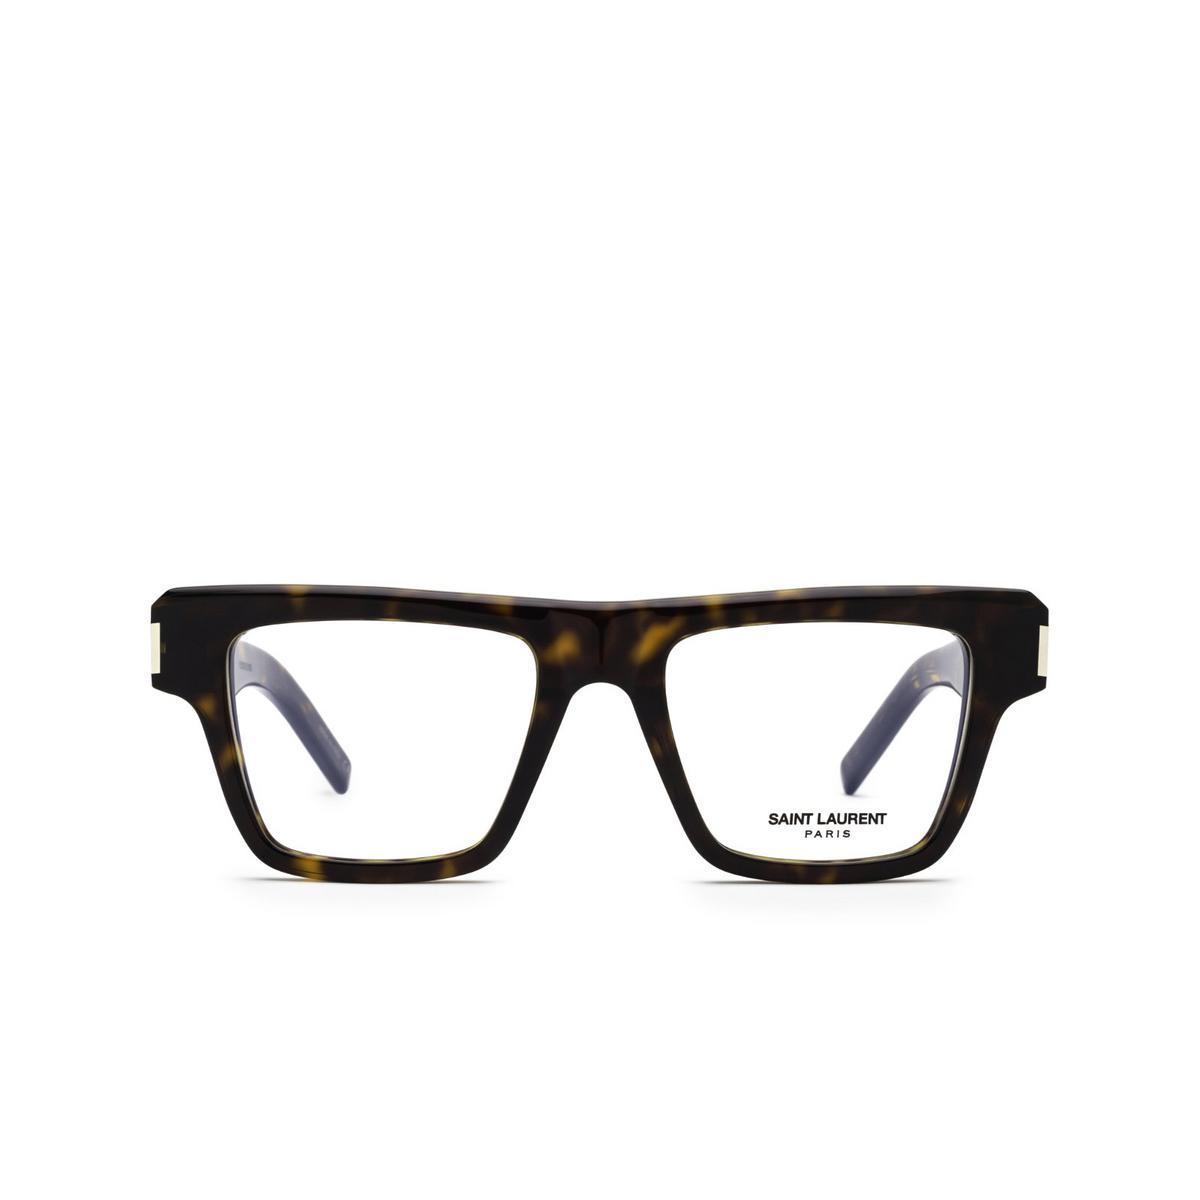 Saint Laurent® Rectangle Eyeglasses: SL 469 OPT color Havana 002 - front view.